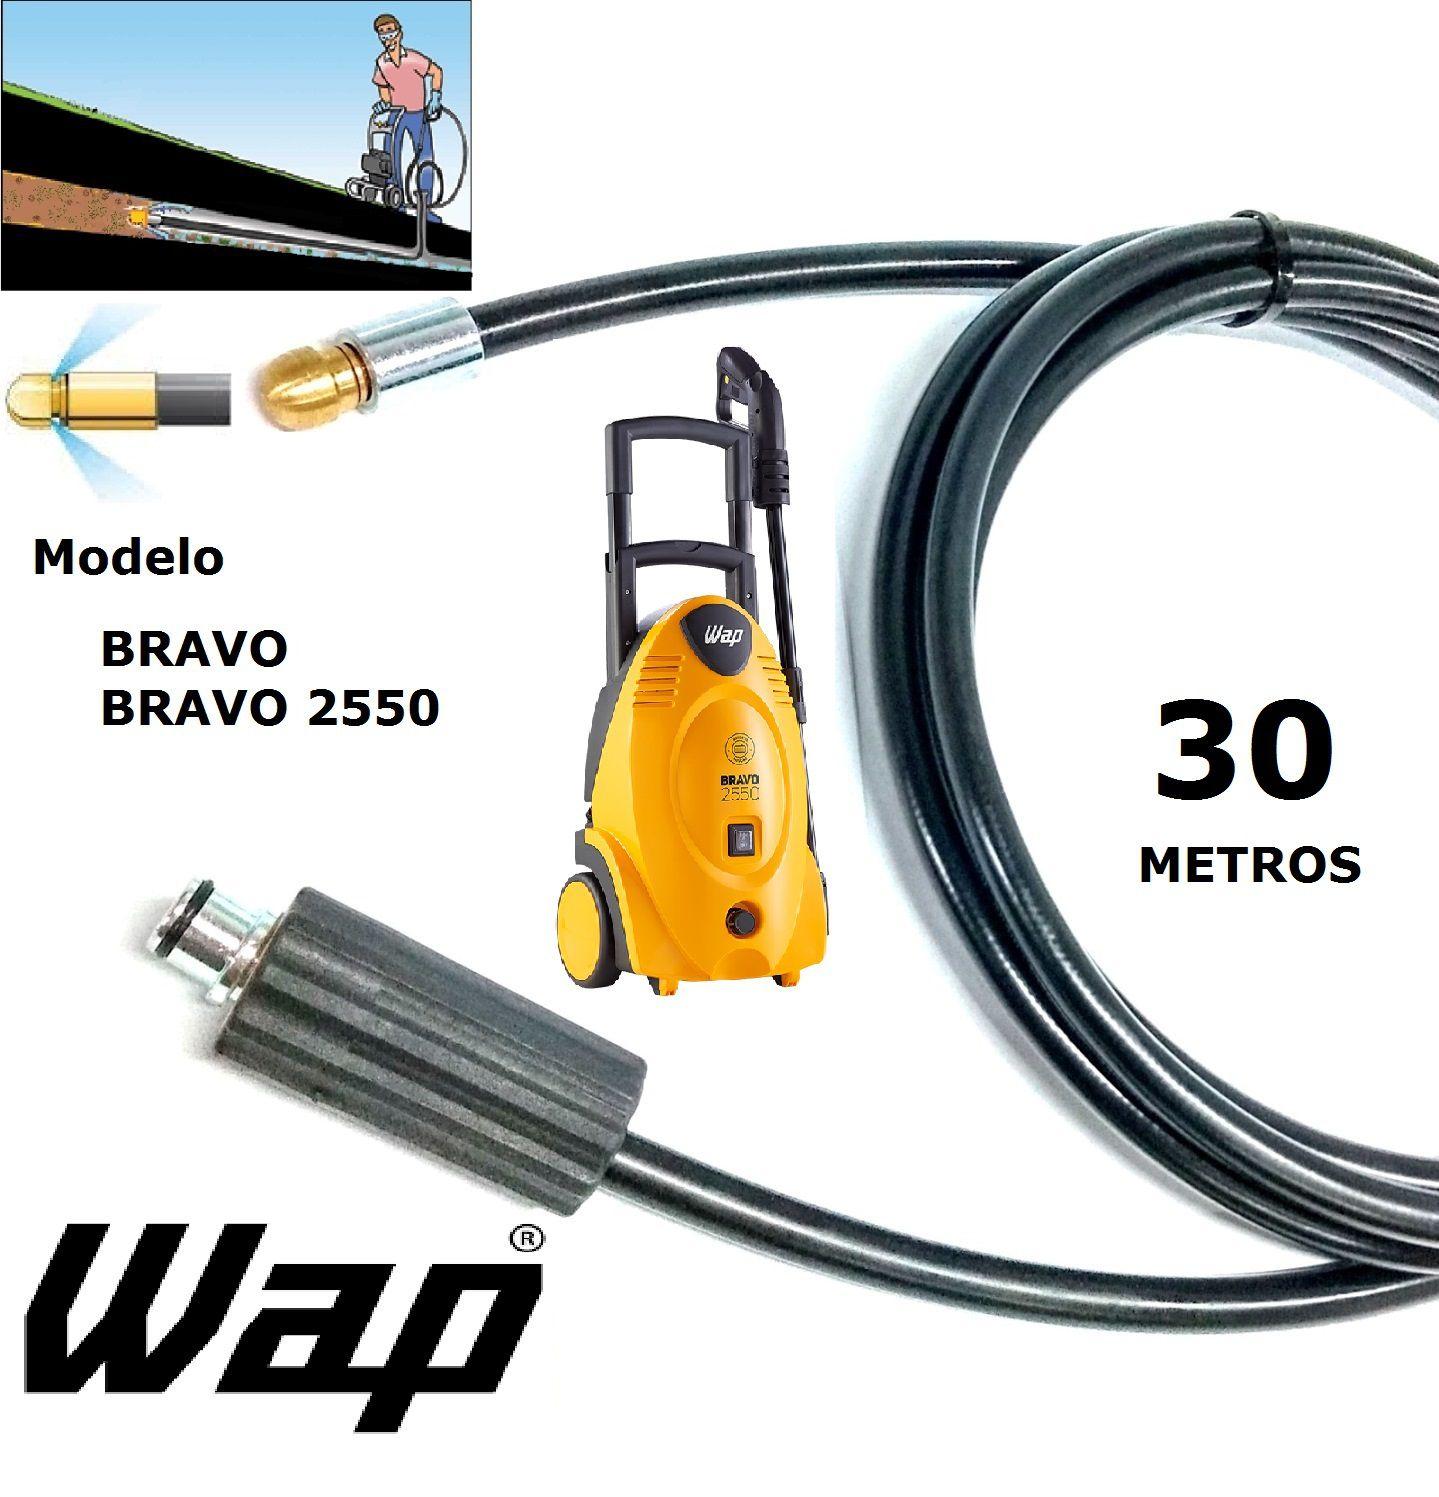 Mangueira desentupidora de tubulação WAP - 30 Metros - Wap BRAVO 2550